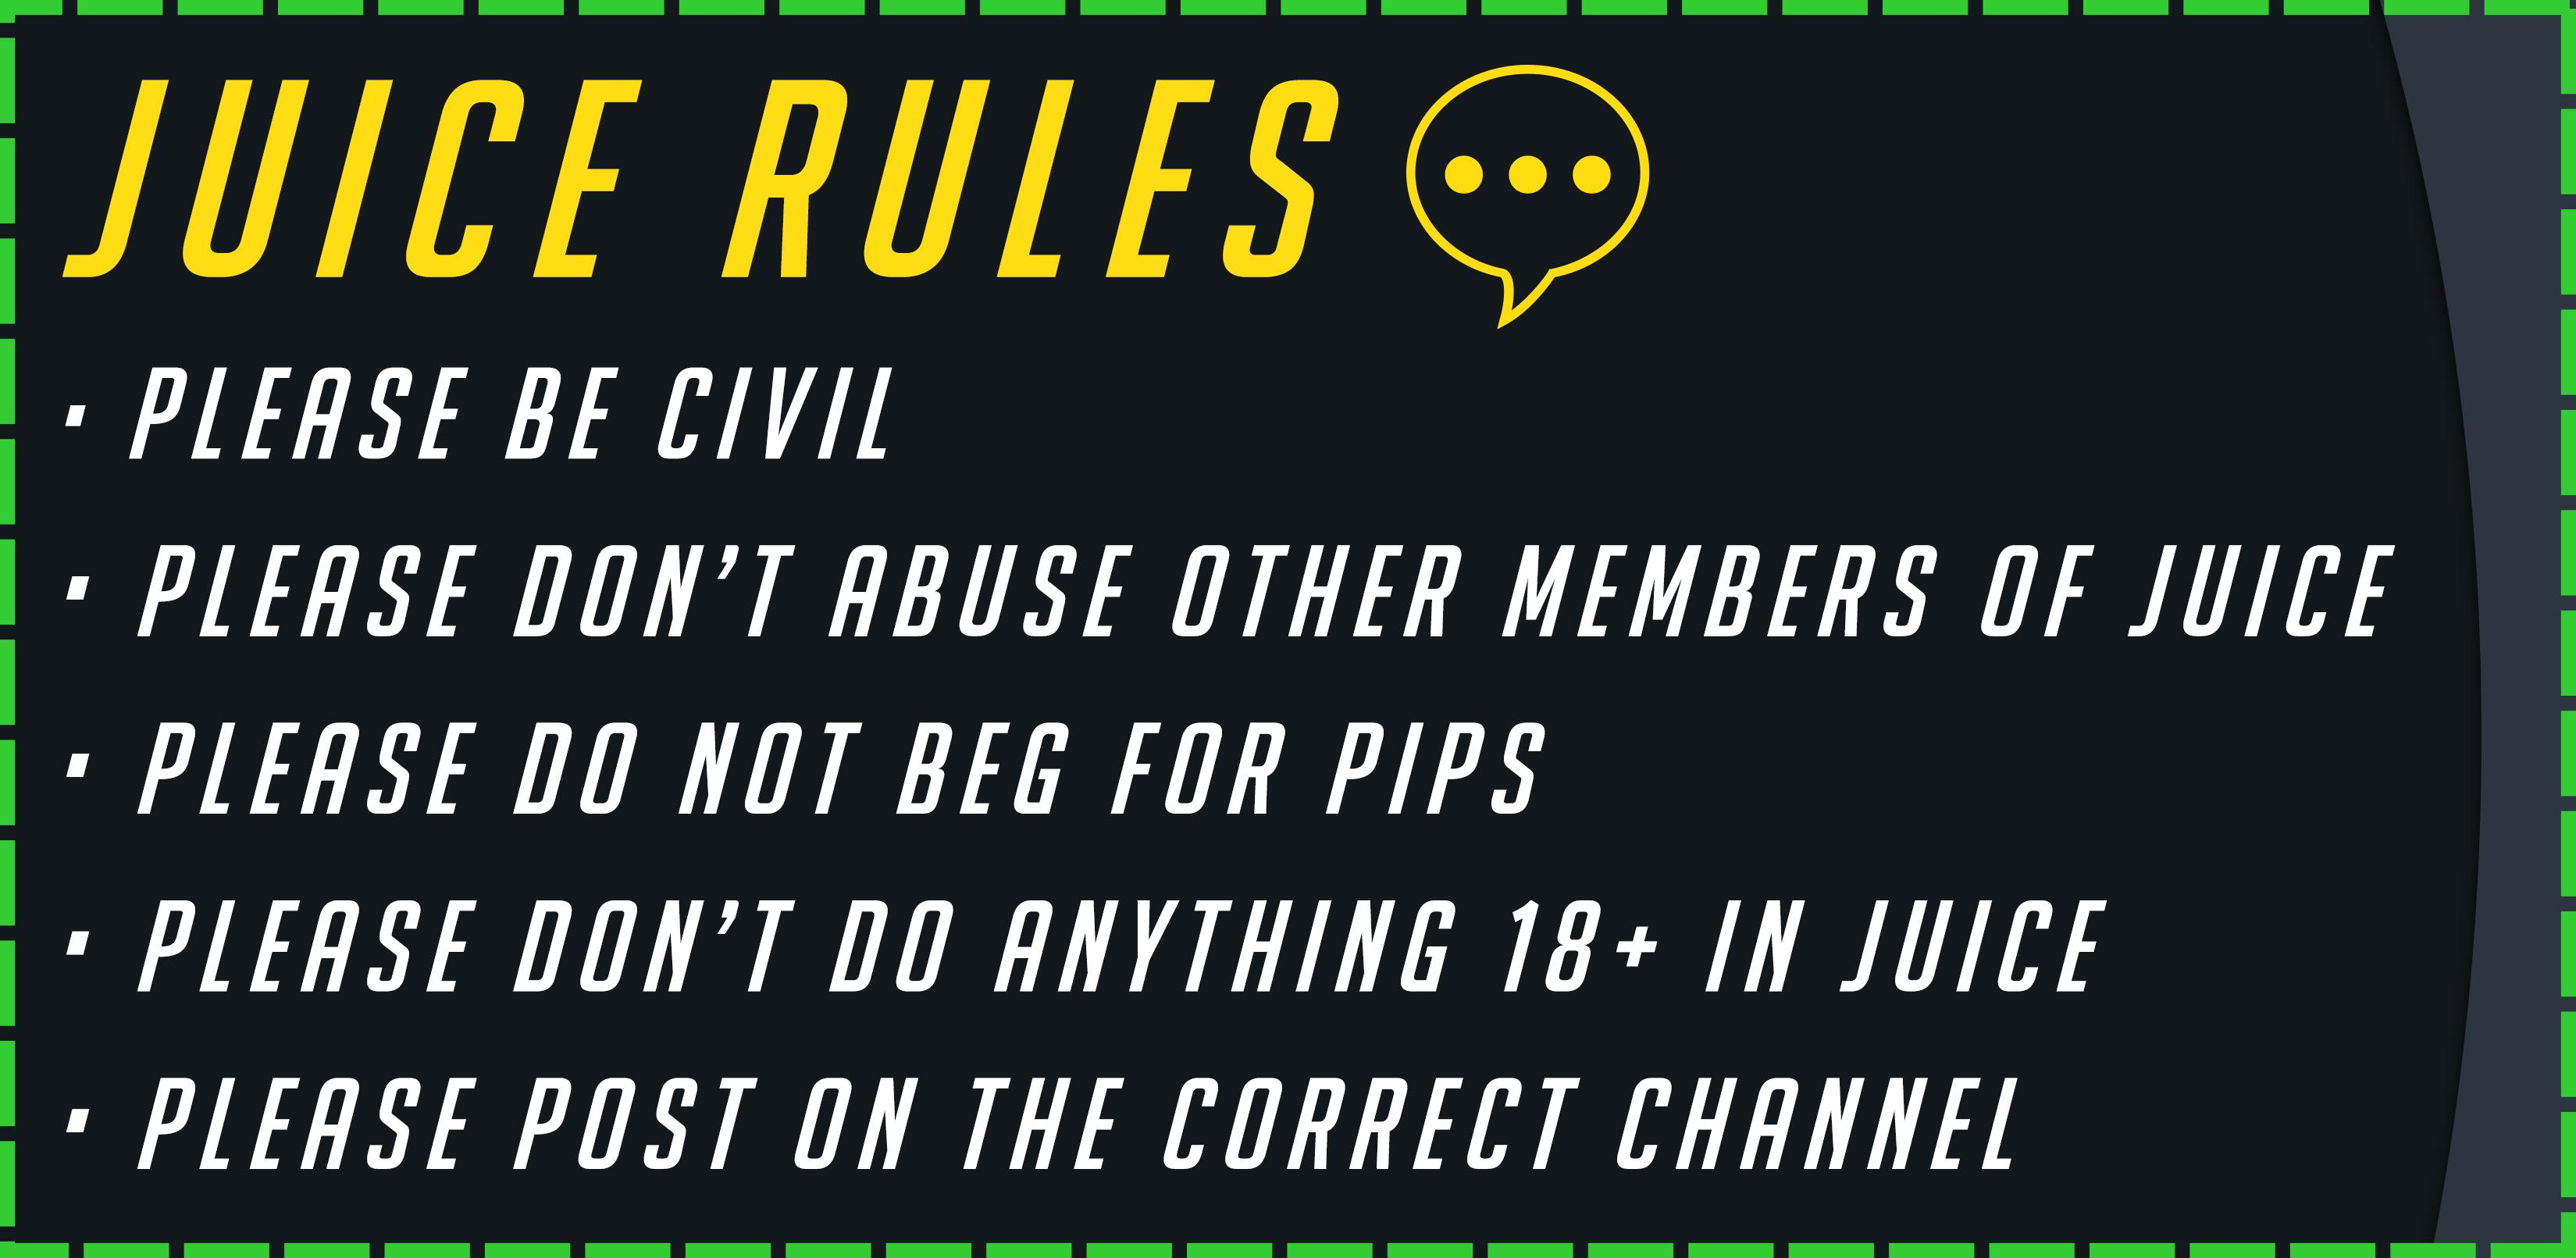 juice rules